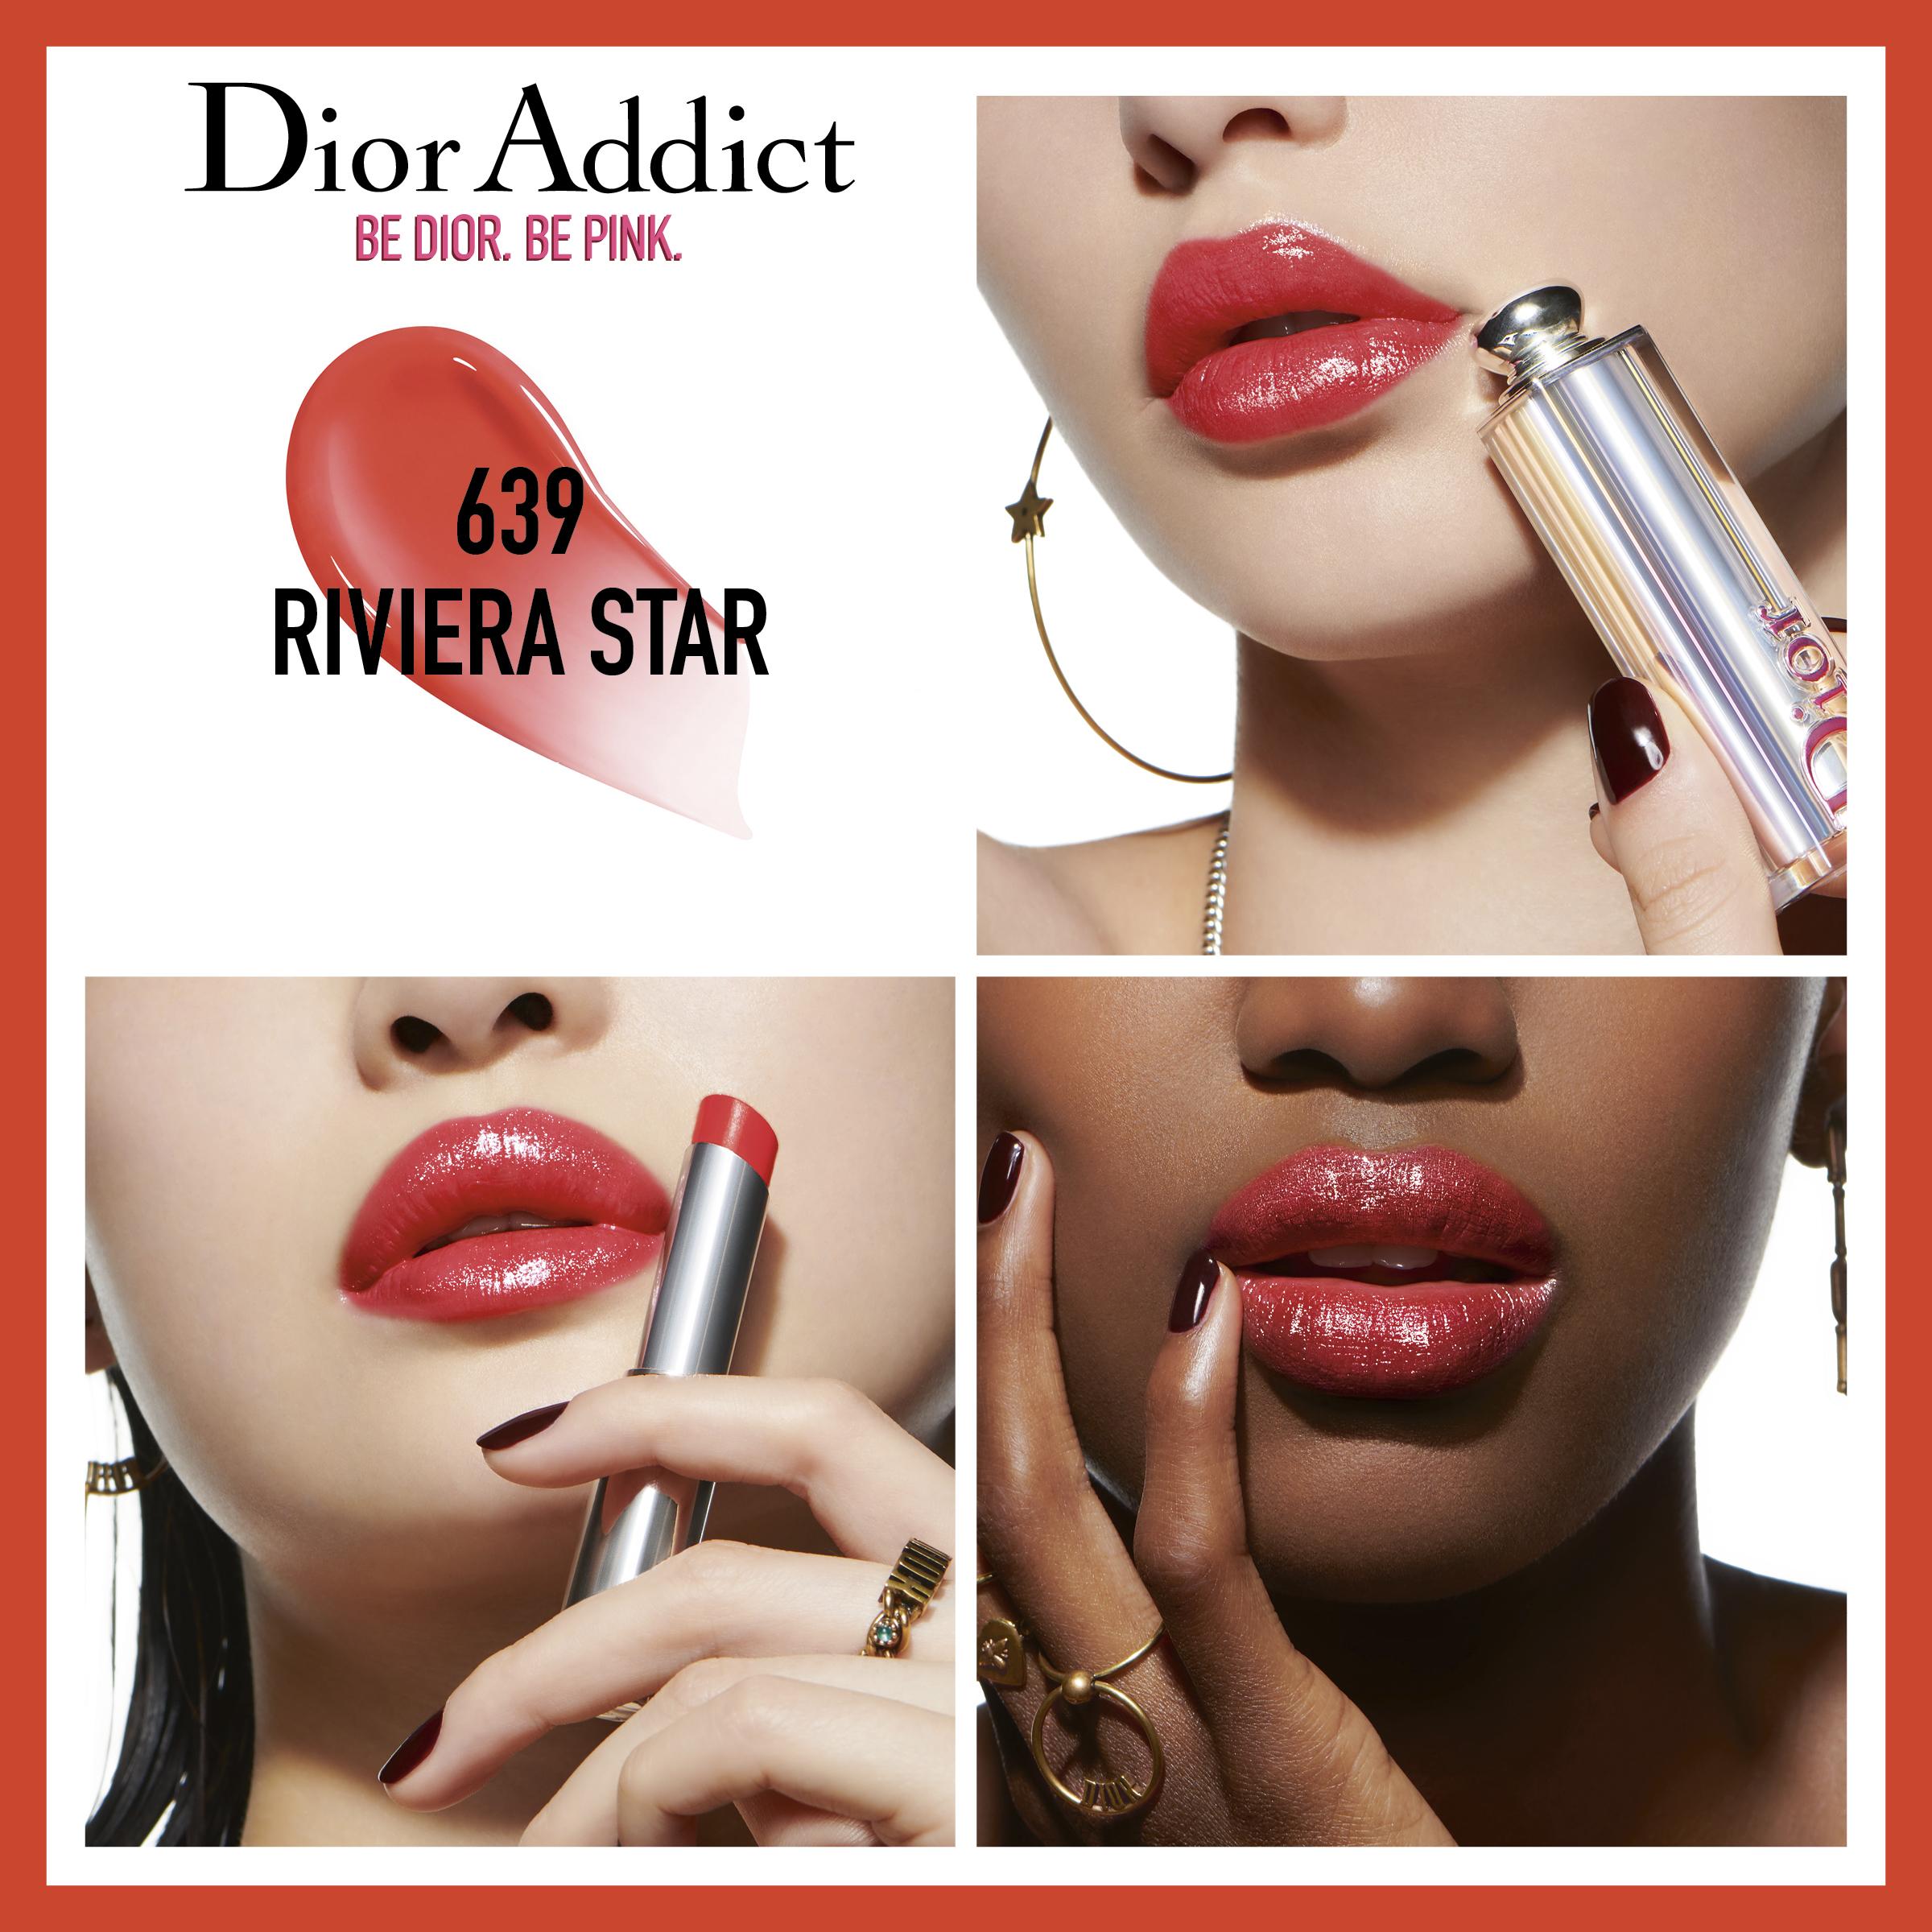 DIOR Addict Stellar Shine, 639 Riviera Star